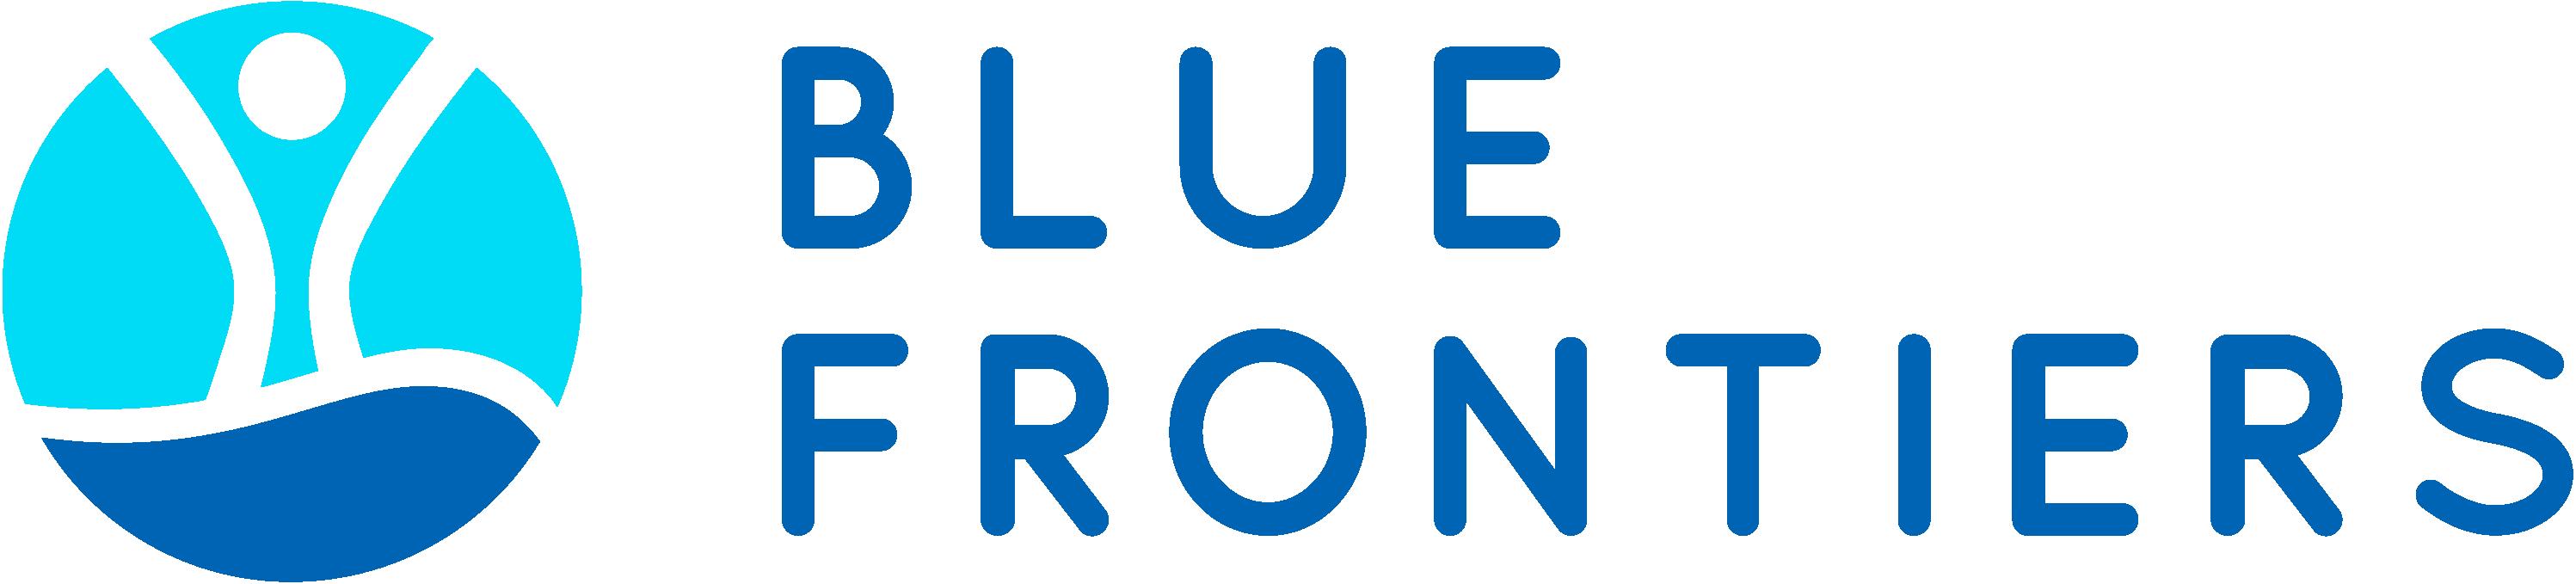 BlueFrontiers-logo